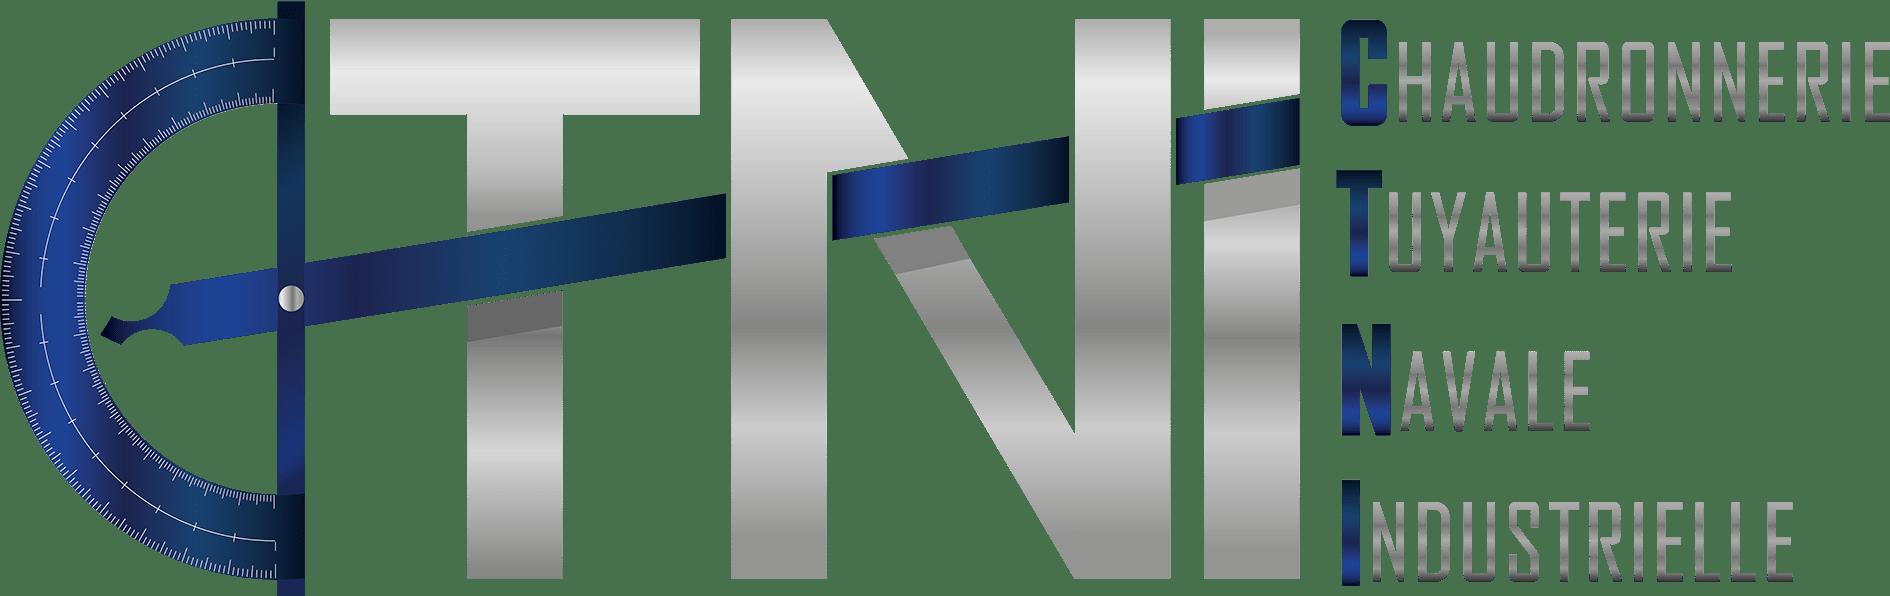 CTNI | Chaudronnerie Tuyauterie Navale et Industrielle